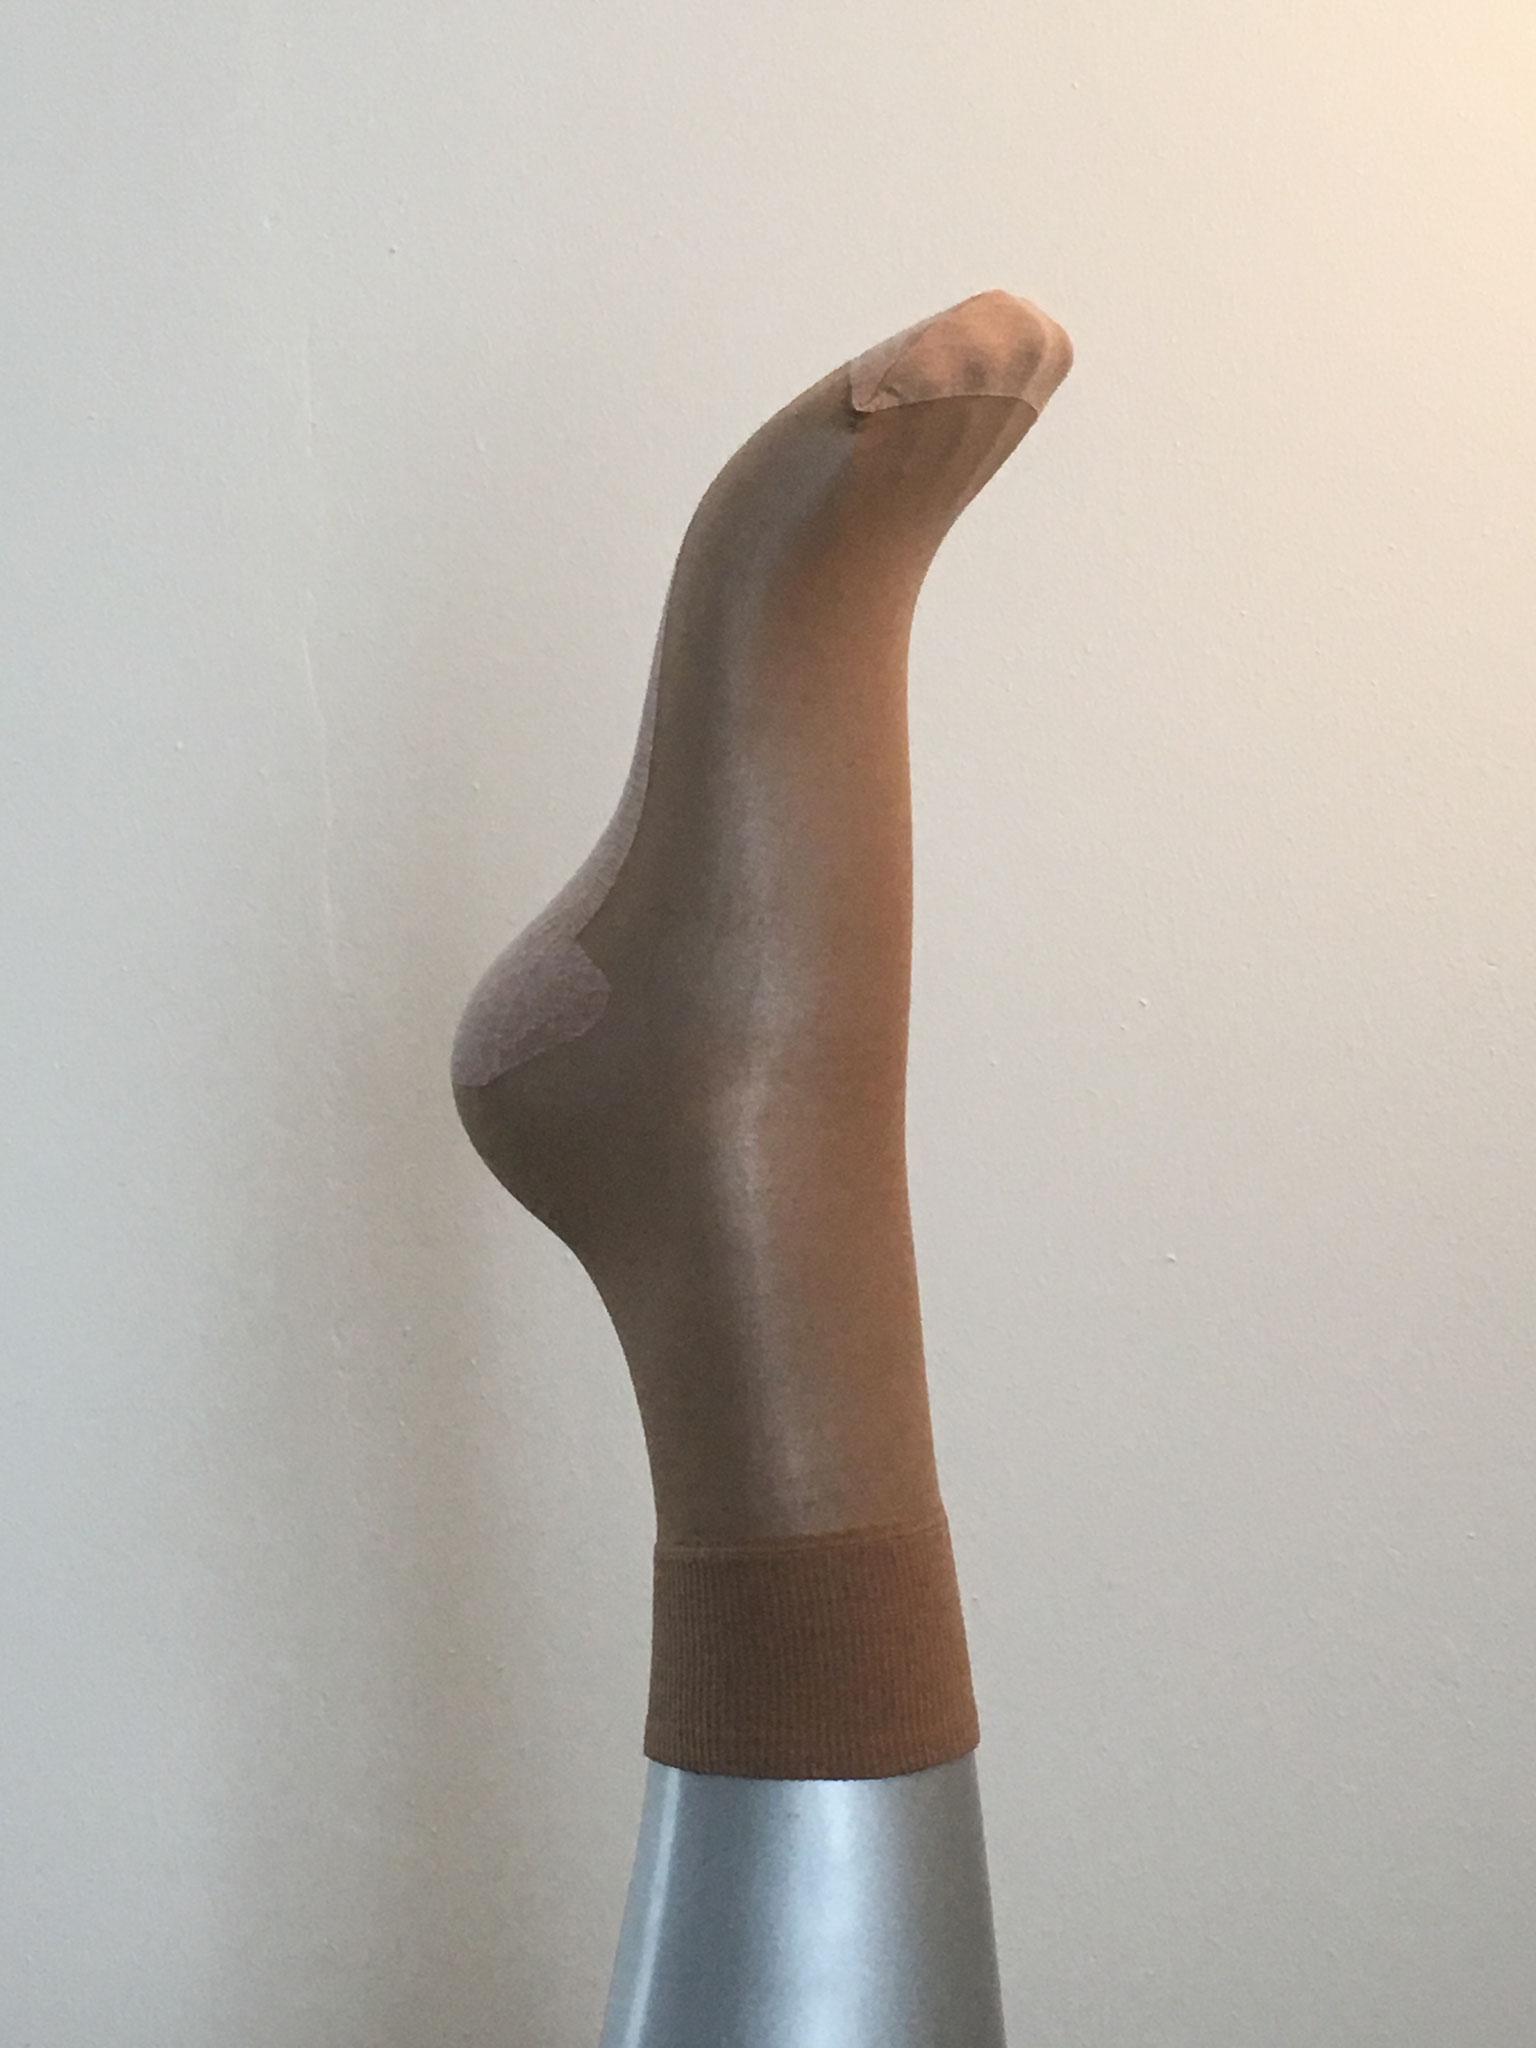 Strumpfsöckli mit verstärkter Baumwollsohle  transparent und schwarz erhältlich (CHF 12.00)